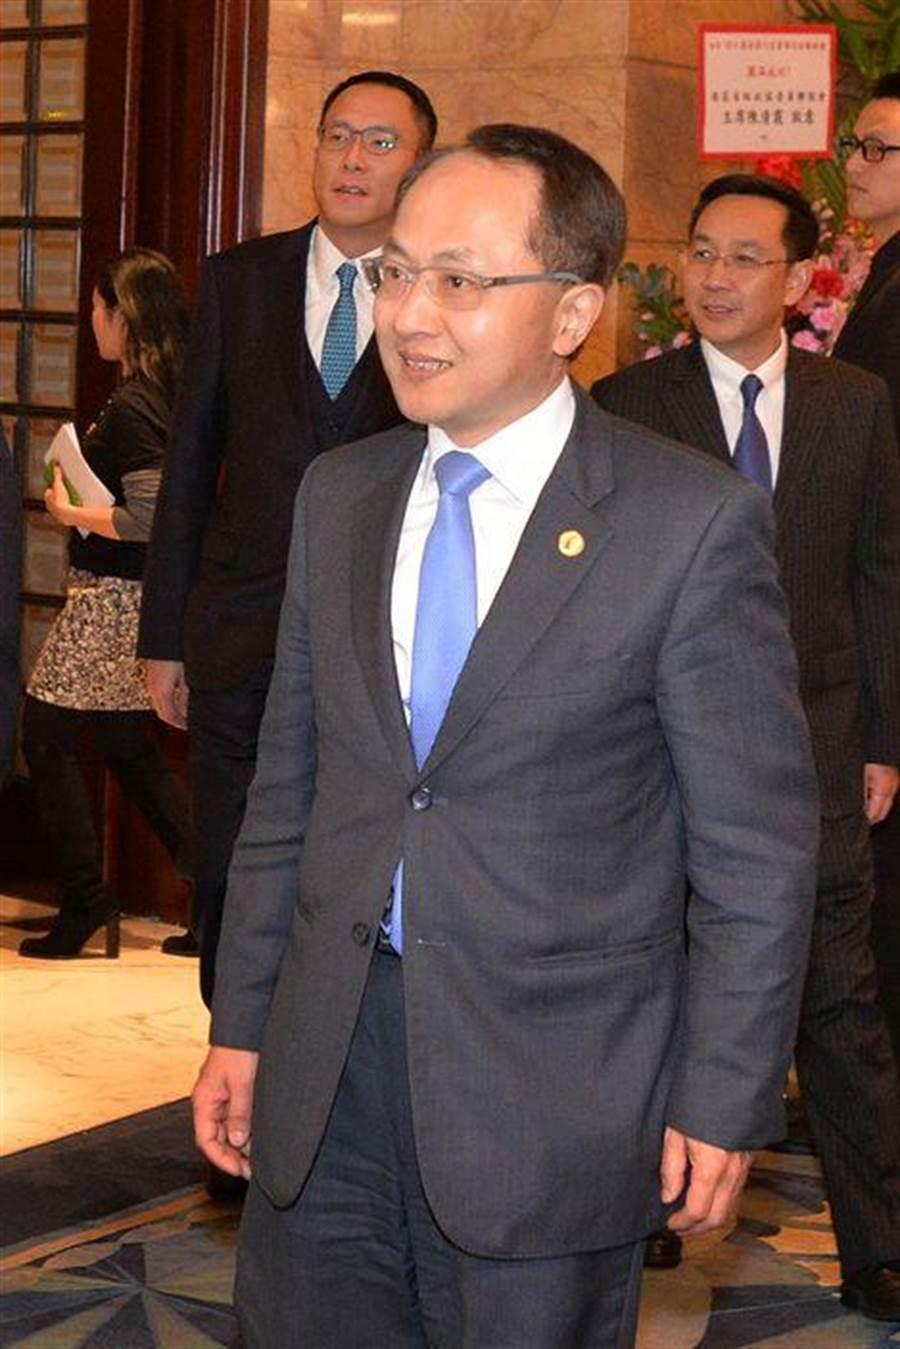 主張建立香港共和國的「香港民族黨」27日宣布成立,大陸國務院港澳辦副主任王志民痛批其「嚴重違法」。(翻攝自鳳凰網)